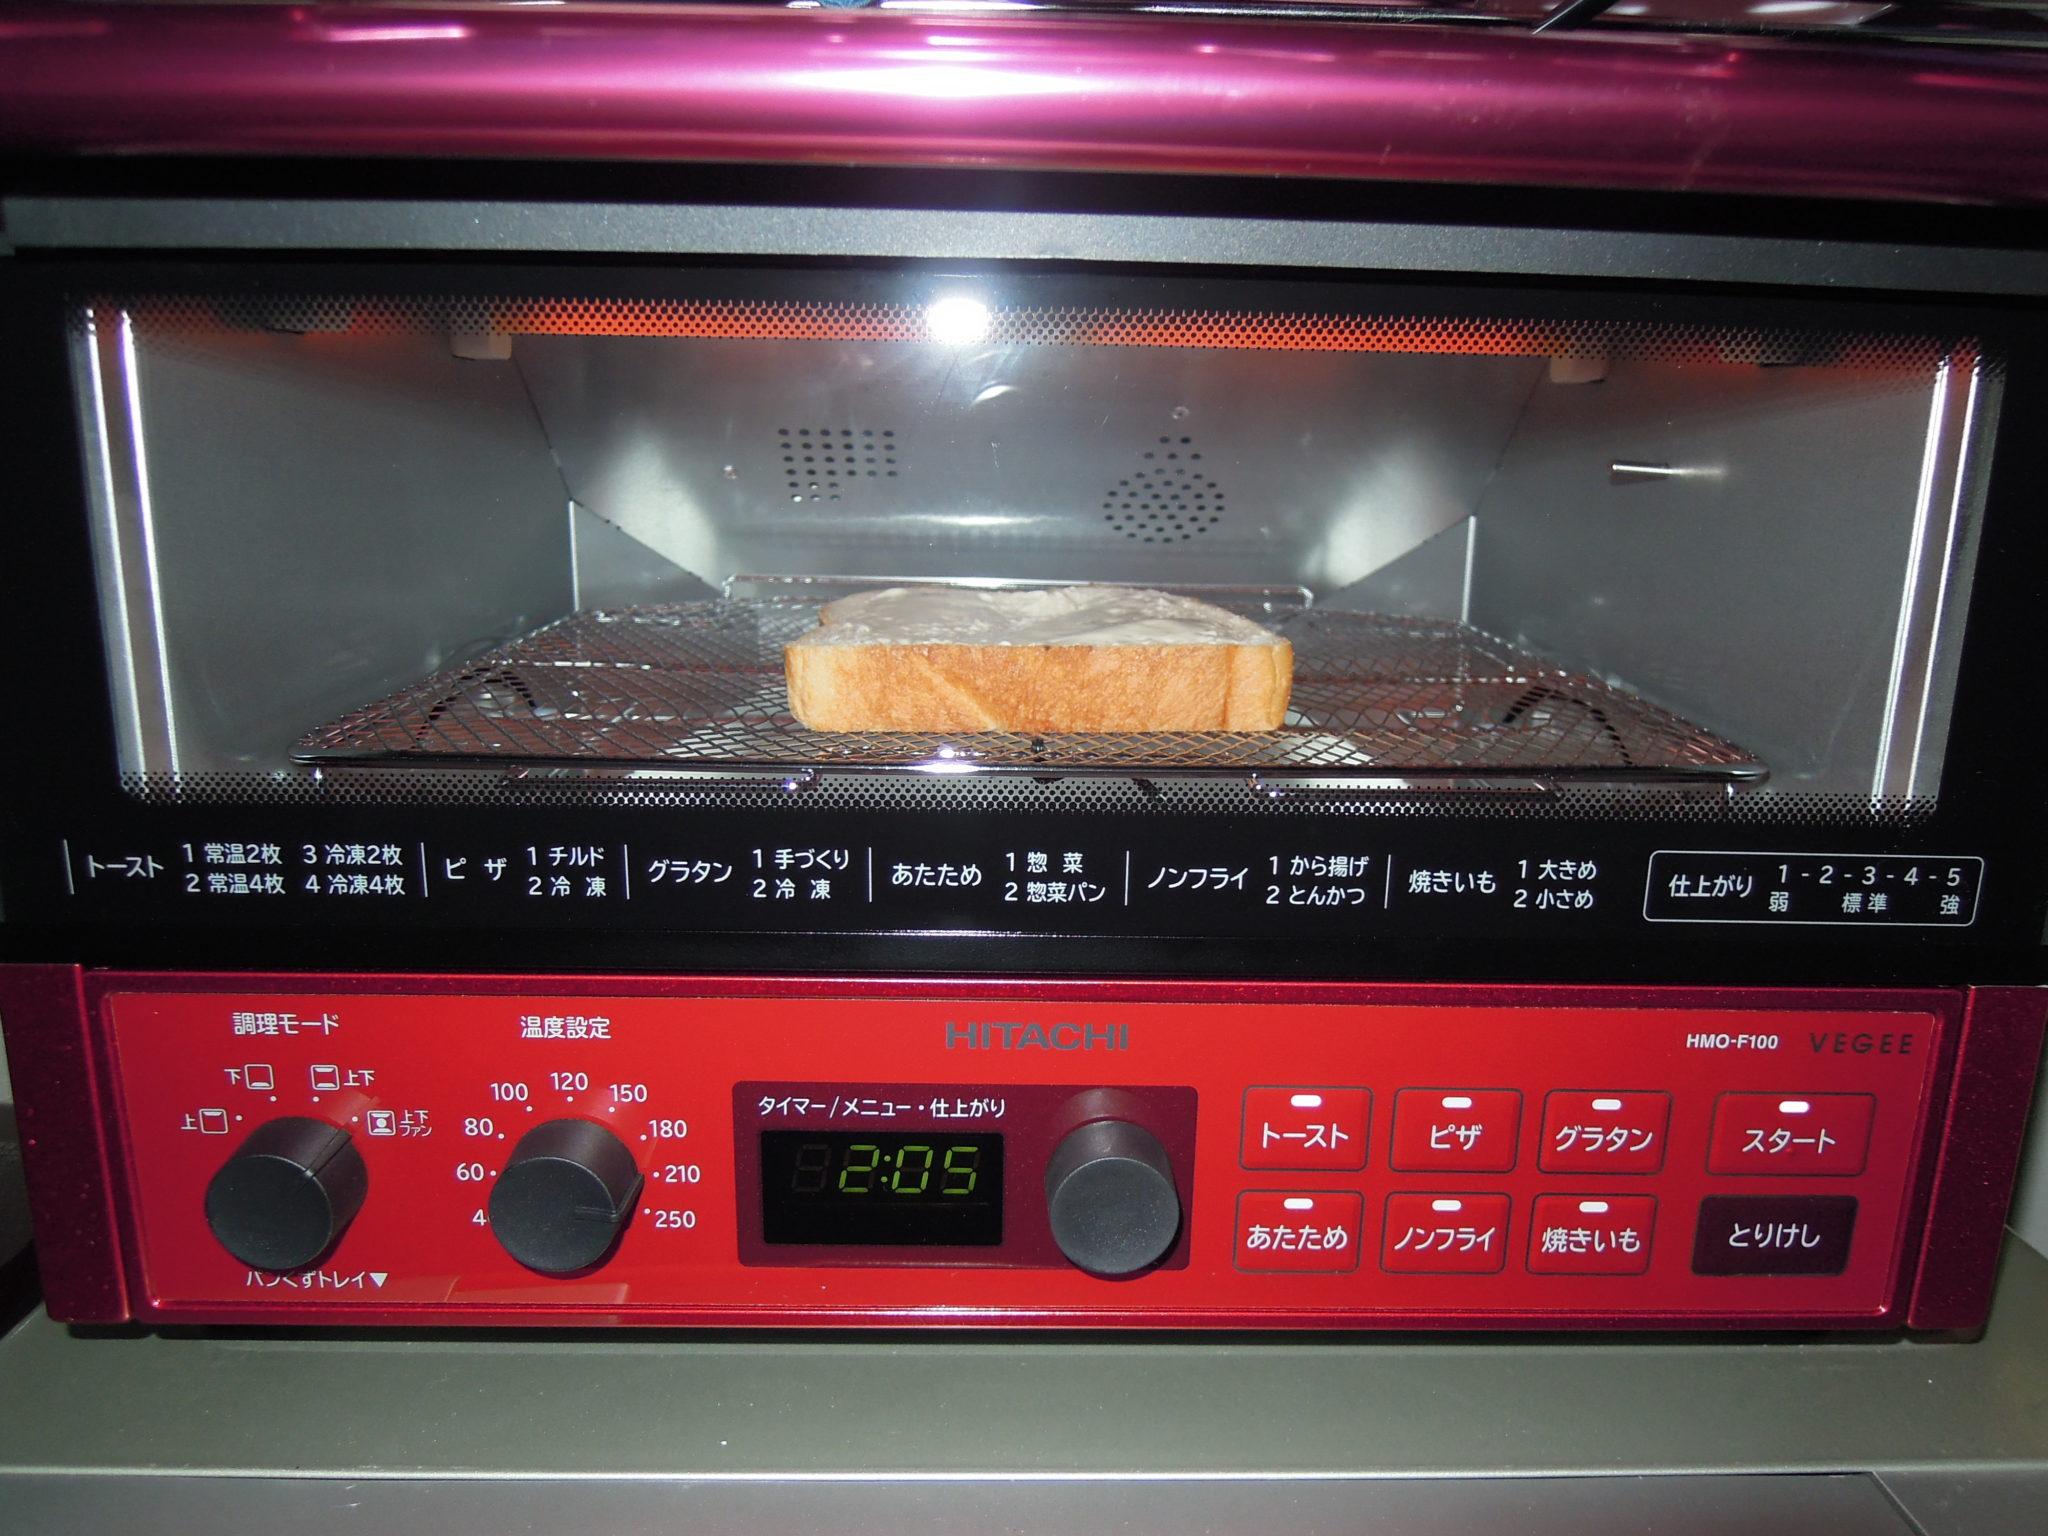 新しいオーブントースターで焼く